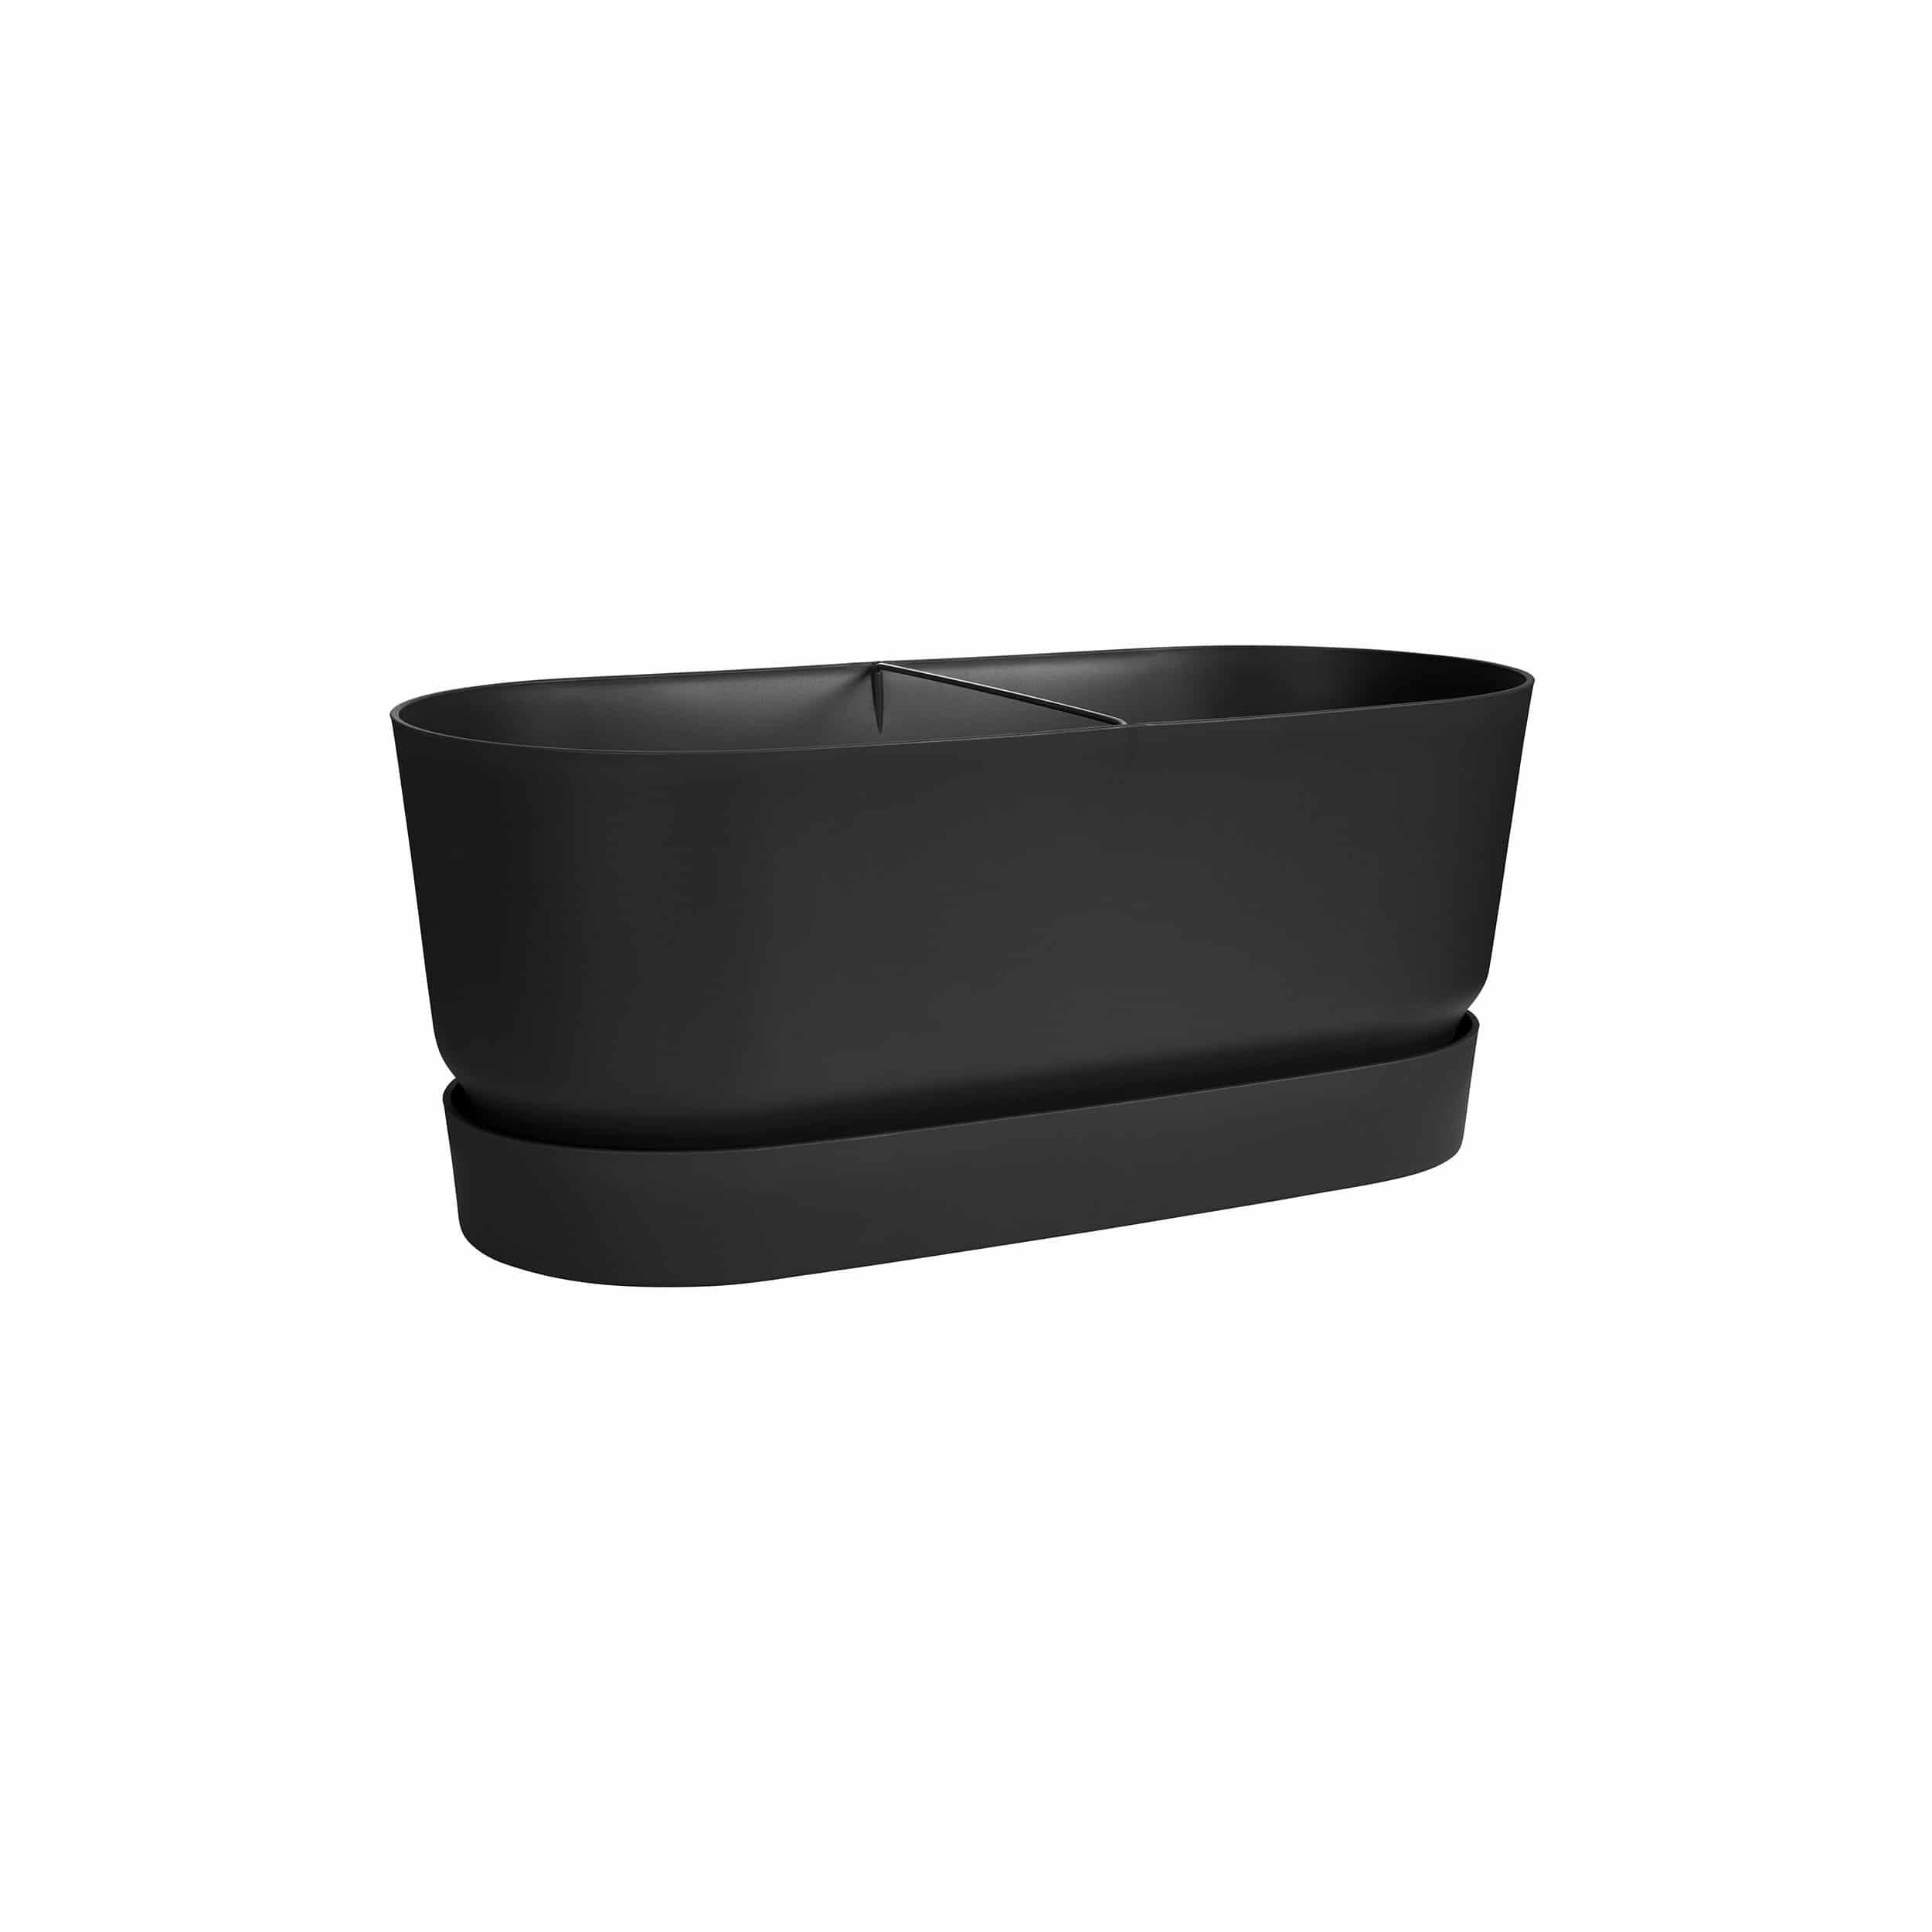 Design-Pflanzgefäß Greenville 60 cm mit Rollen lebhaft schwarz